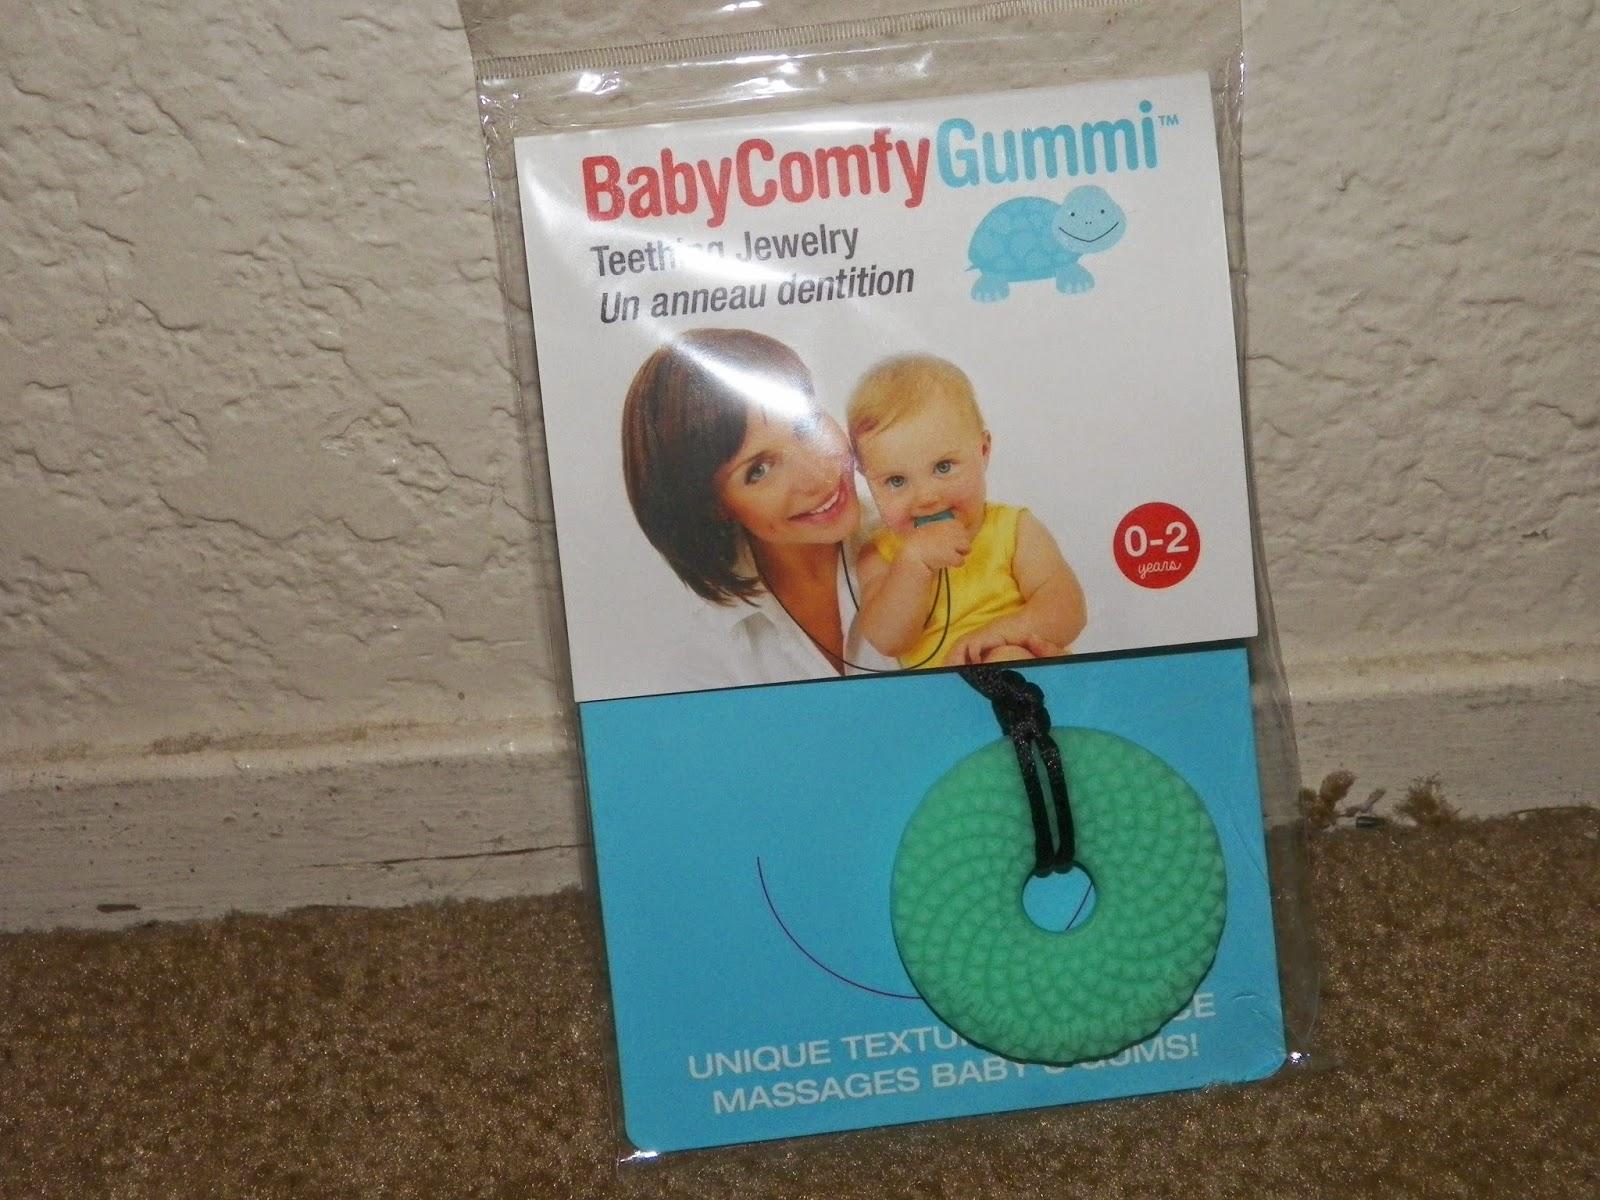 BabyComfyGummi.jpg